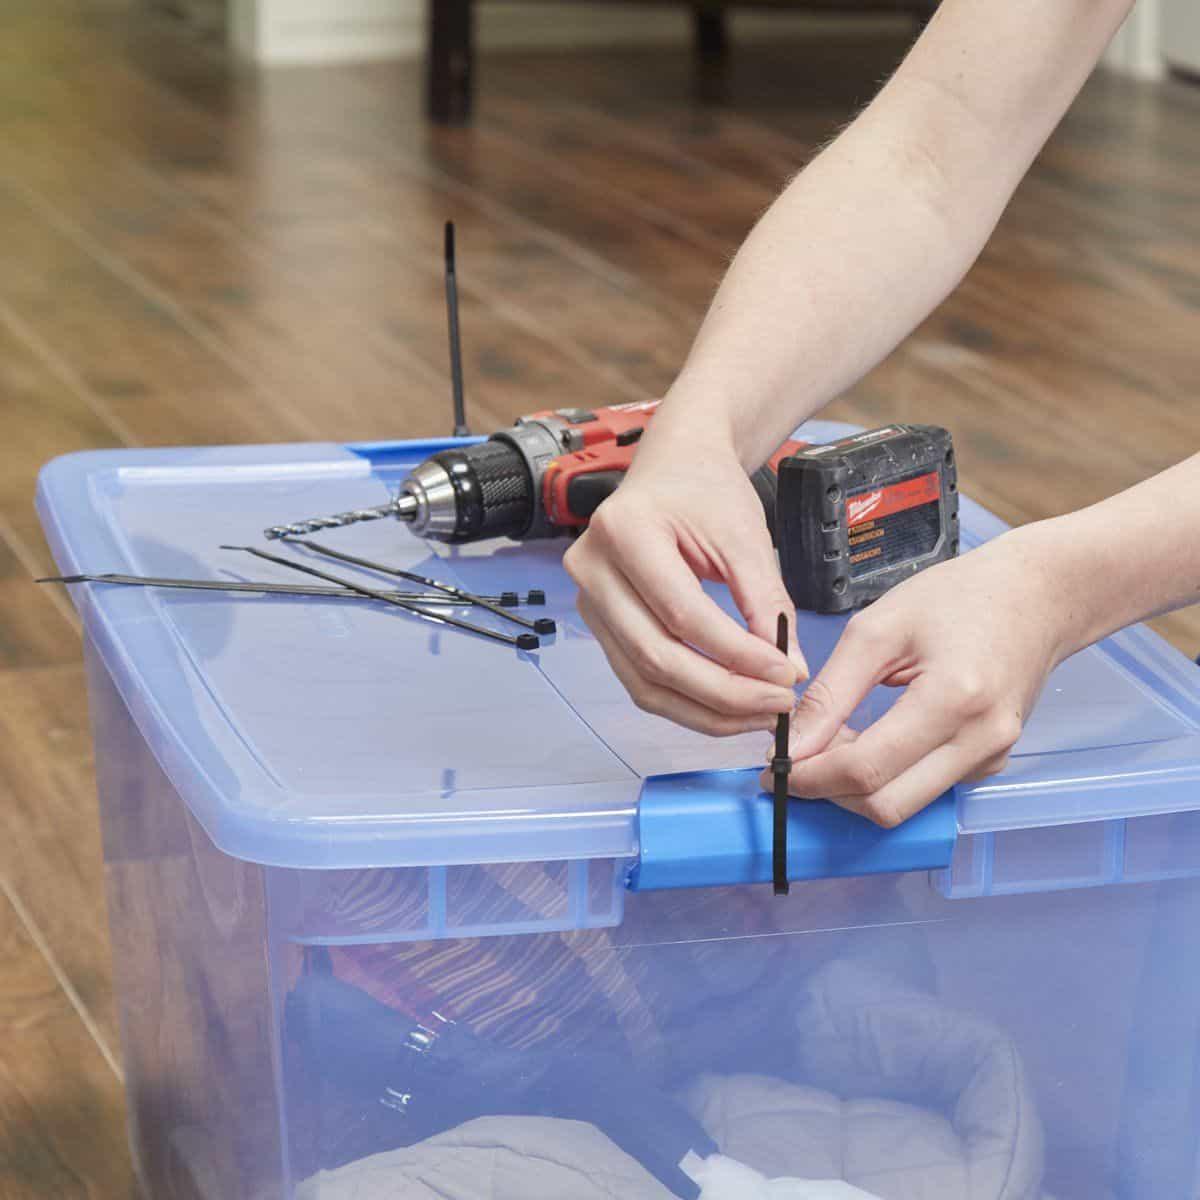 Securing zip ties to a storage bin.